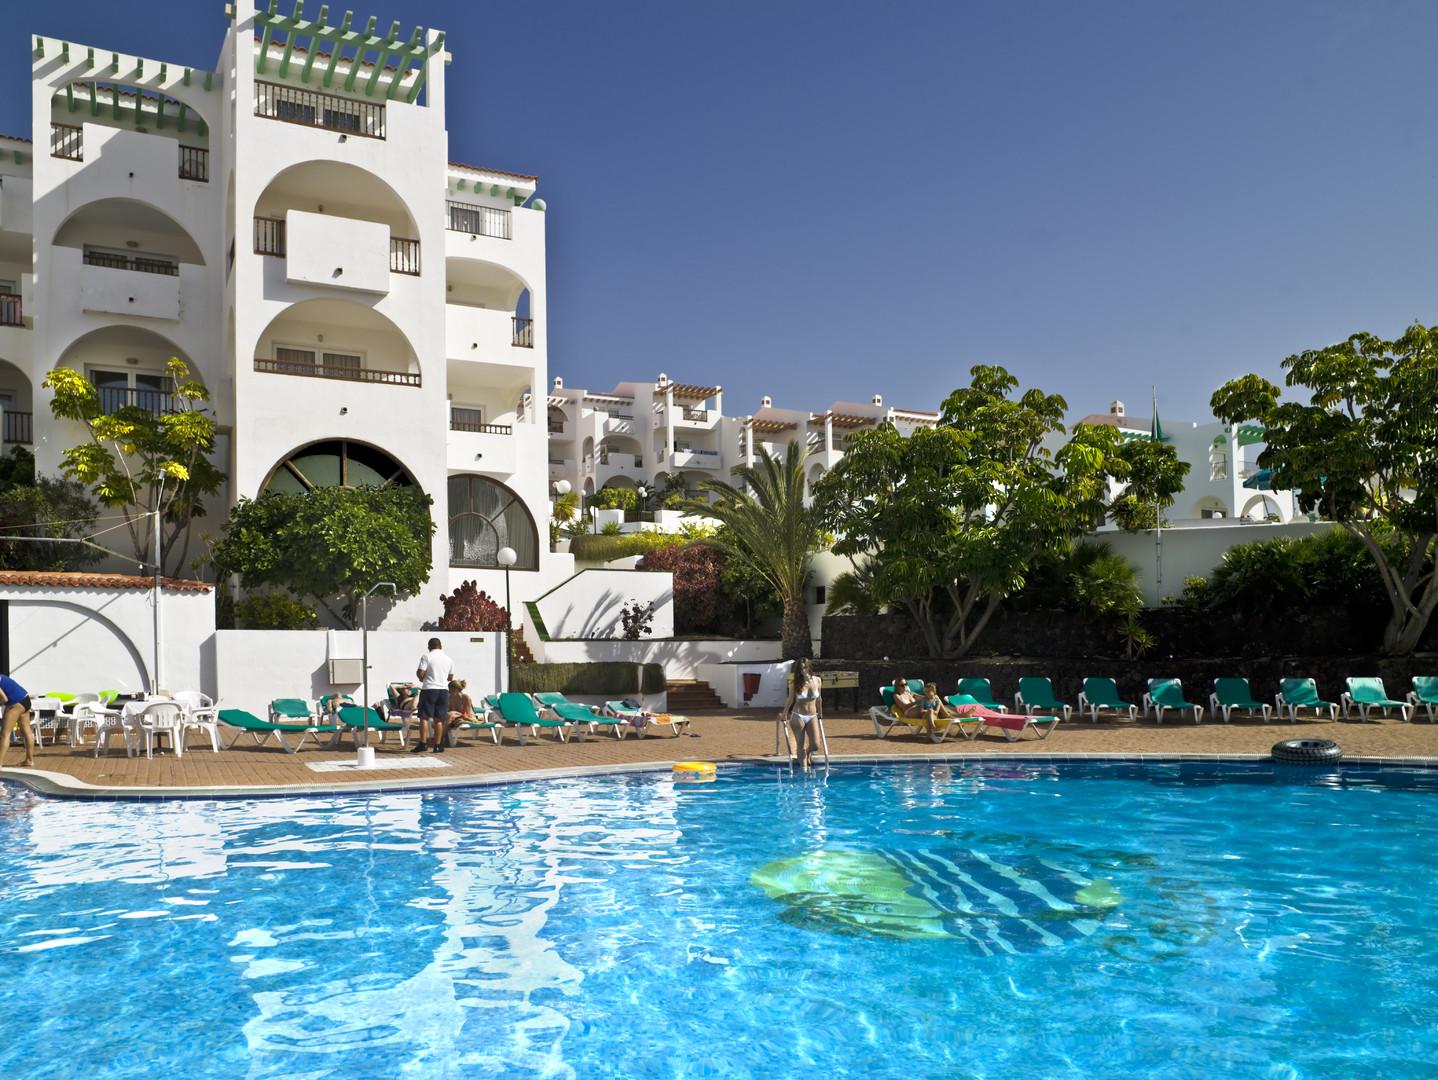 Hotel Blue Sea Callao Garden #3